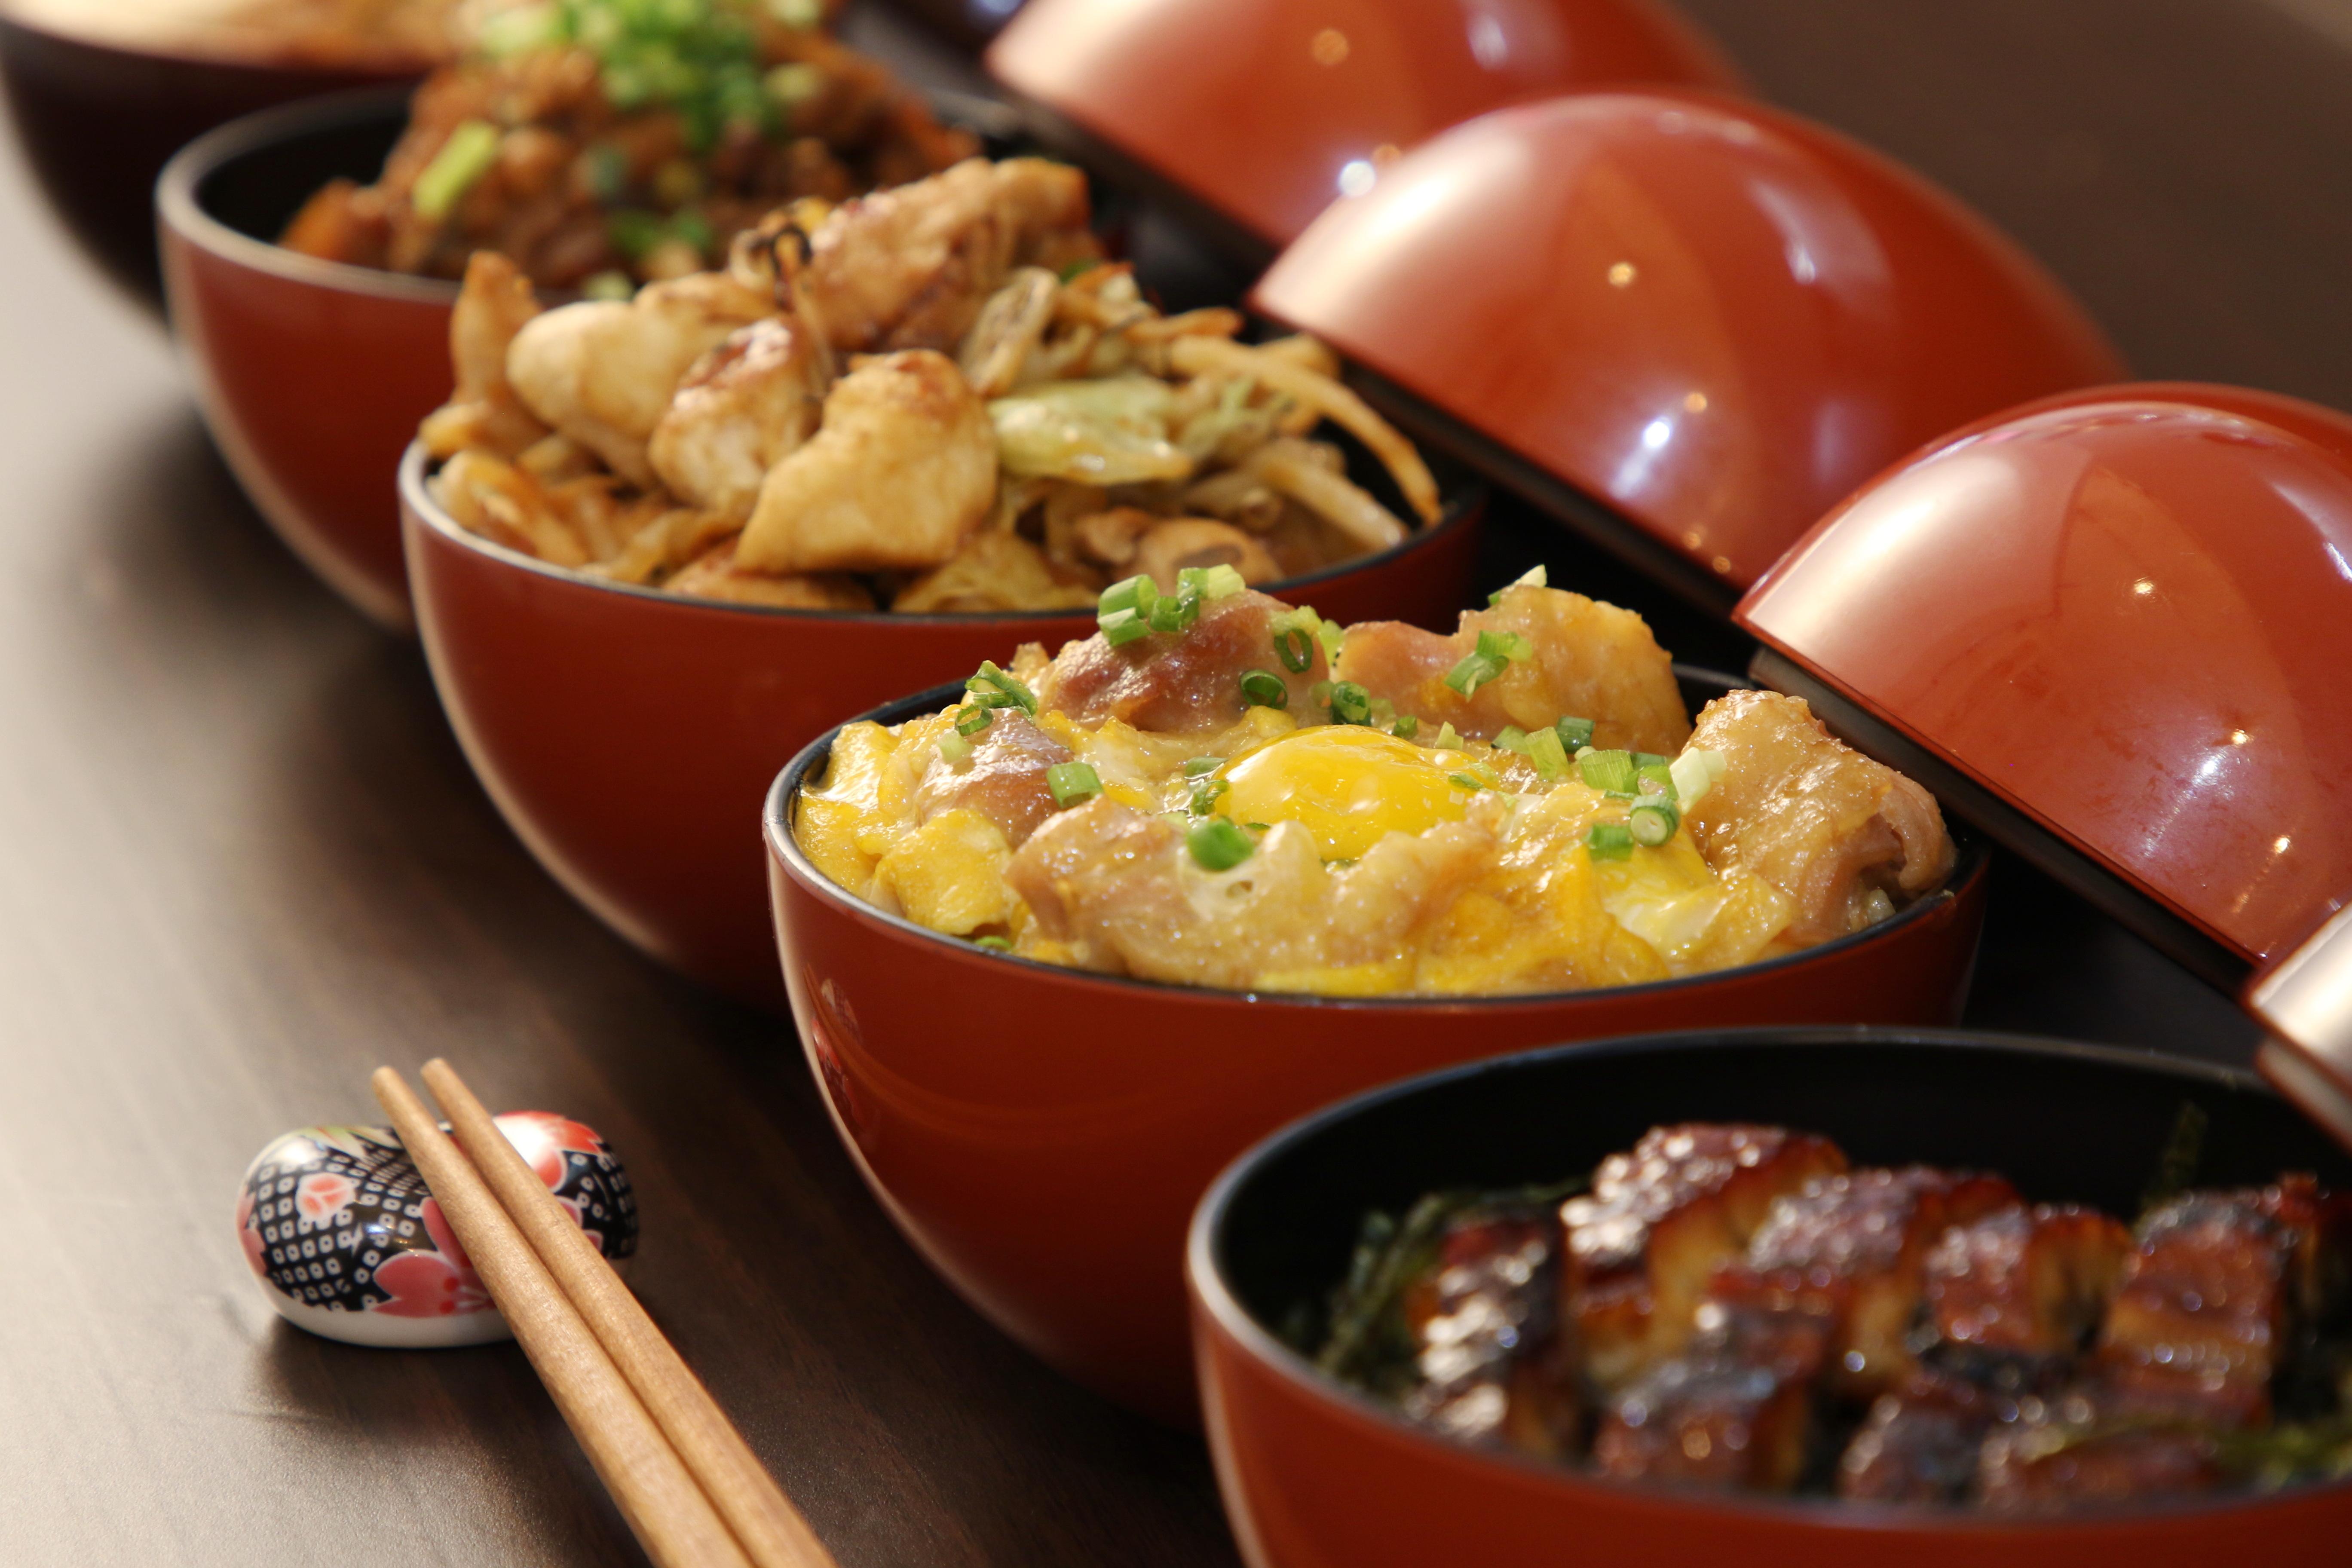 激うま名古屋めし!「まかまかナゴ丼専門店」の食べ歩き向けメニューに注目 - nagodon07